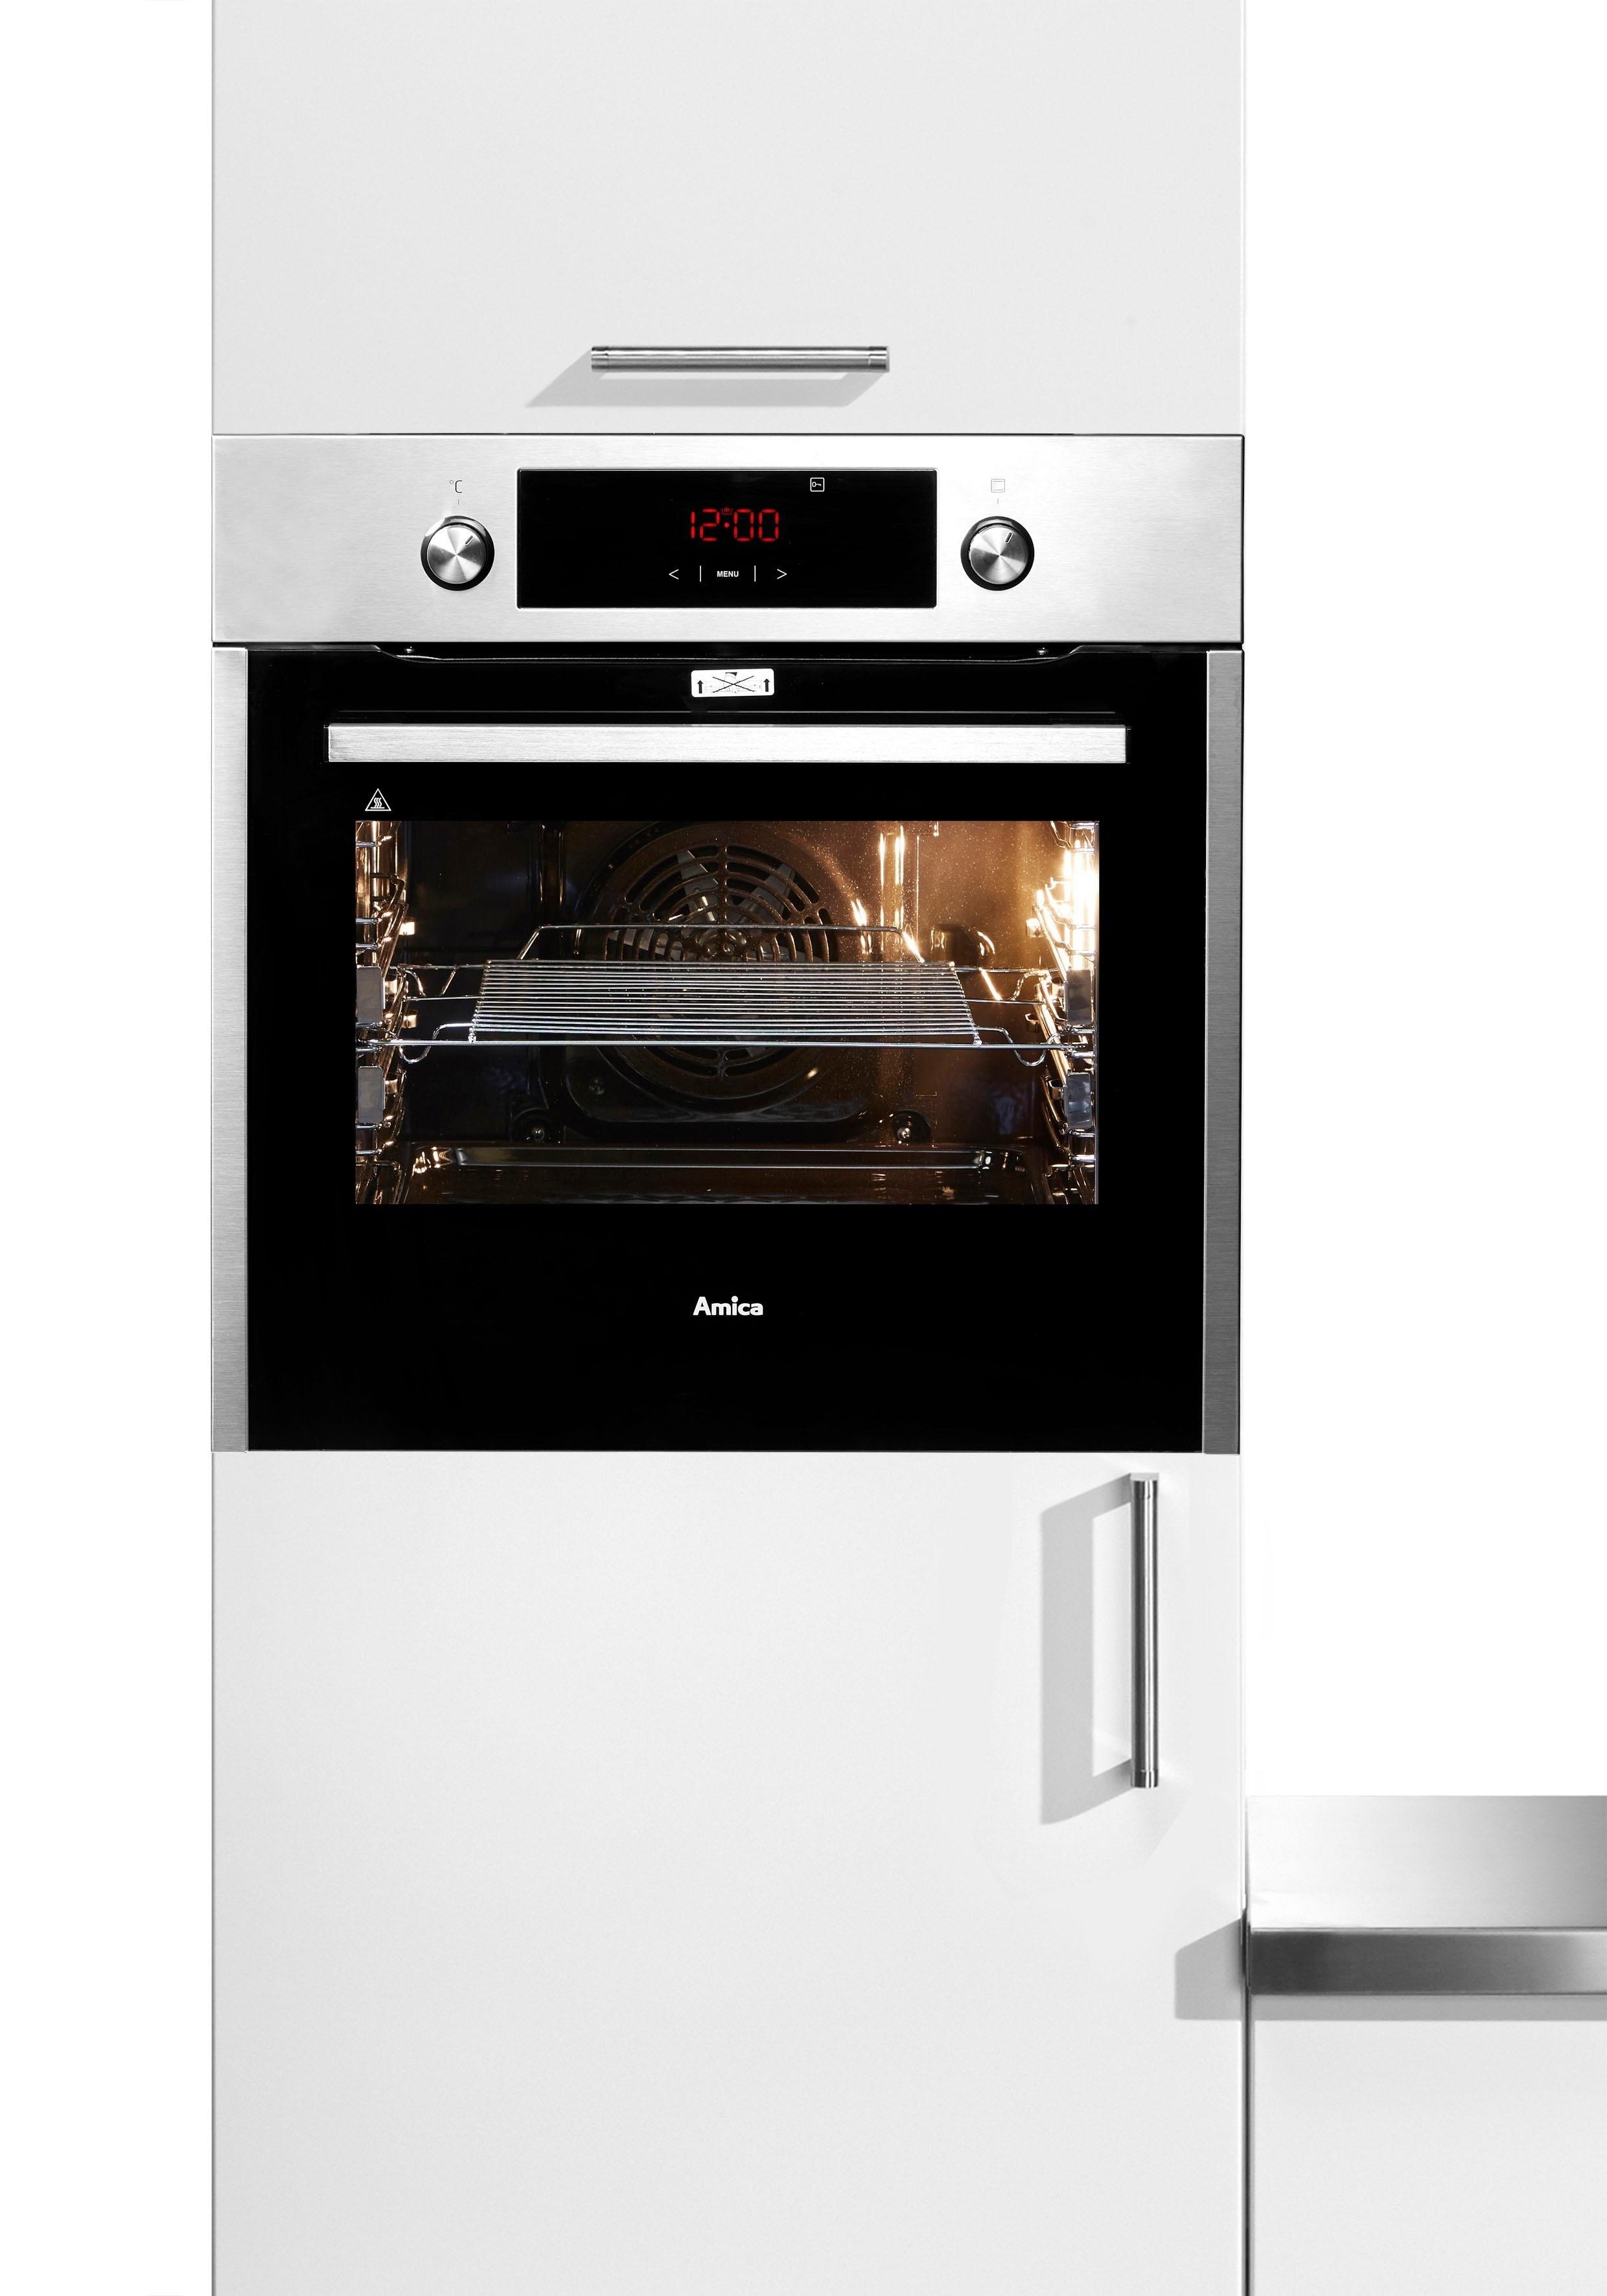 Amica oven inclusief tweevoudig telescopisch uittreksysteem en pyrolyse 'EBP 946 100 E' online kopen op otto.nl